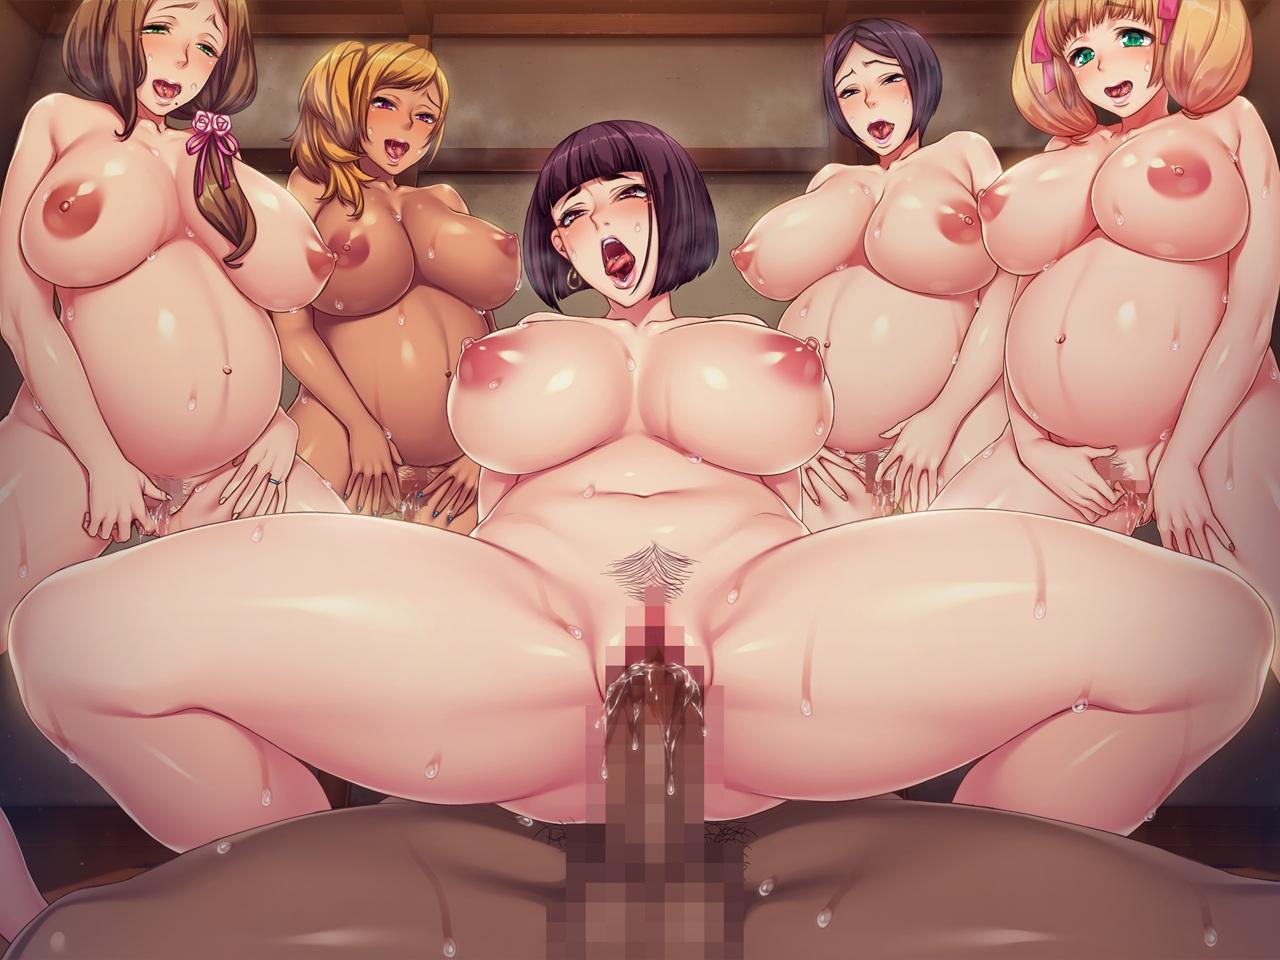 breasts censored game_cg group harem hitomi_kiriko itsuki_shima nishiki_marina nude orc_soft pregnant pubic_hair sakura_rui sex shikijou_kyoudan sumeragi_kohaku yoshino_ayaka